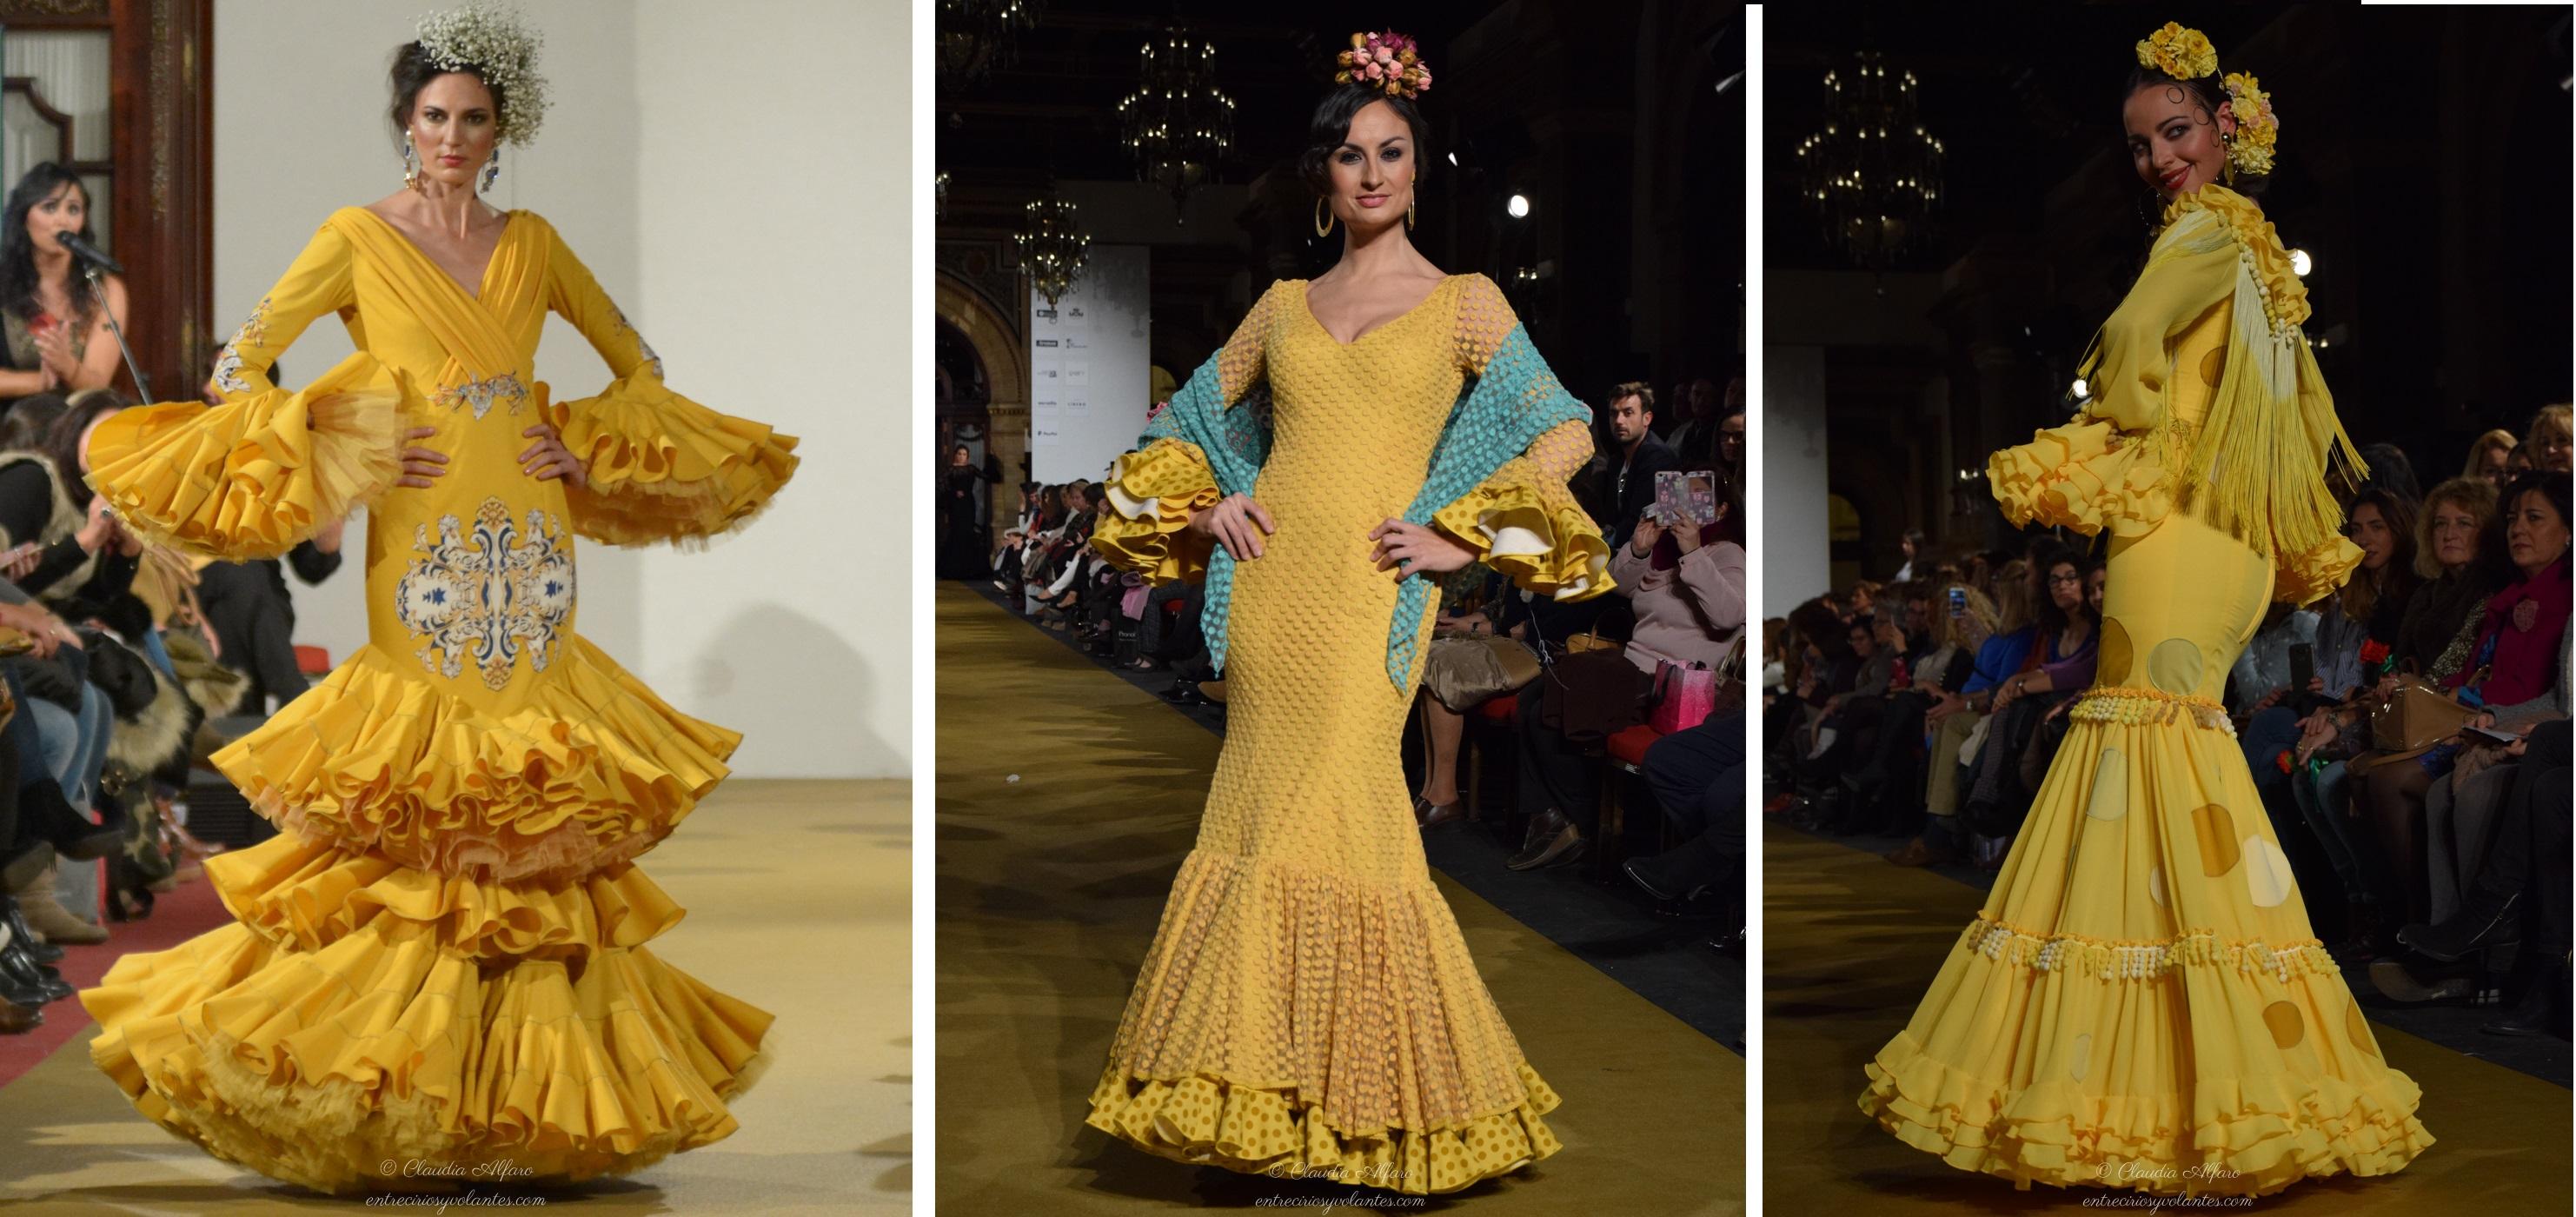 Vestido flamenca amarillo y negro